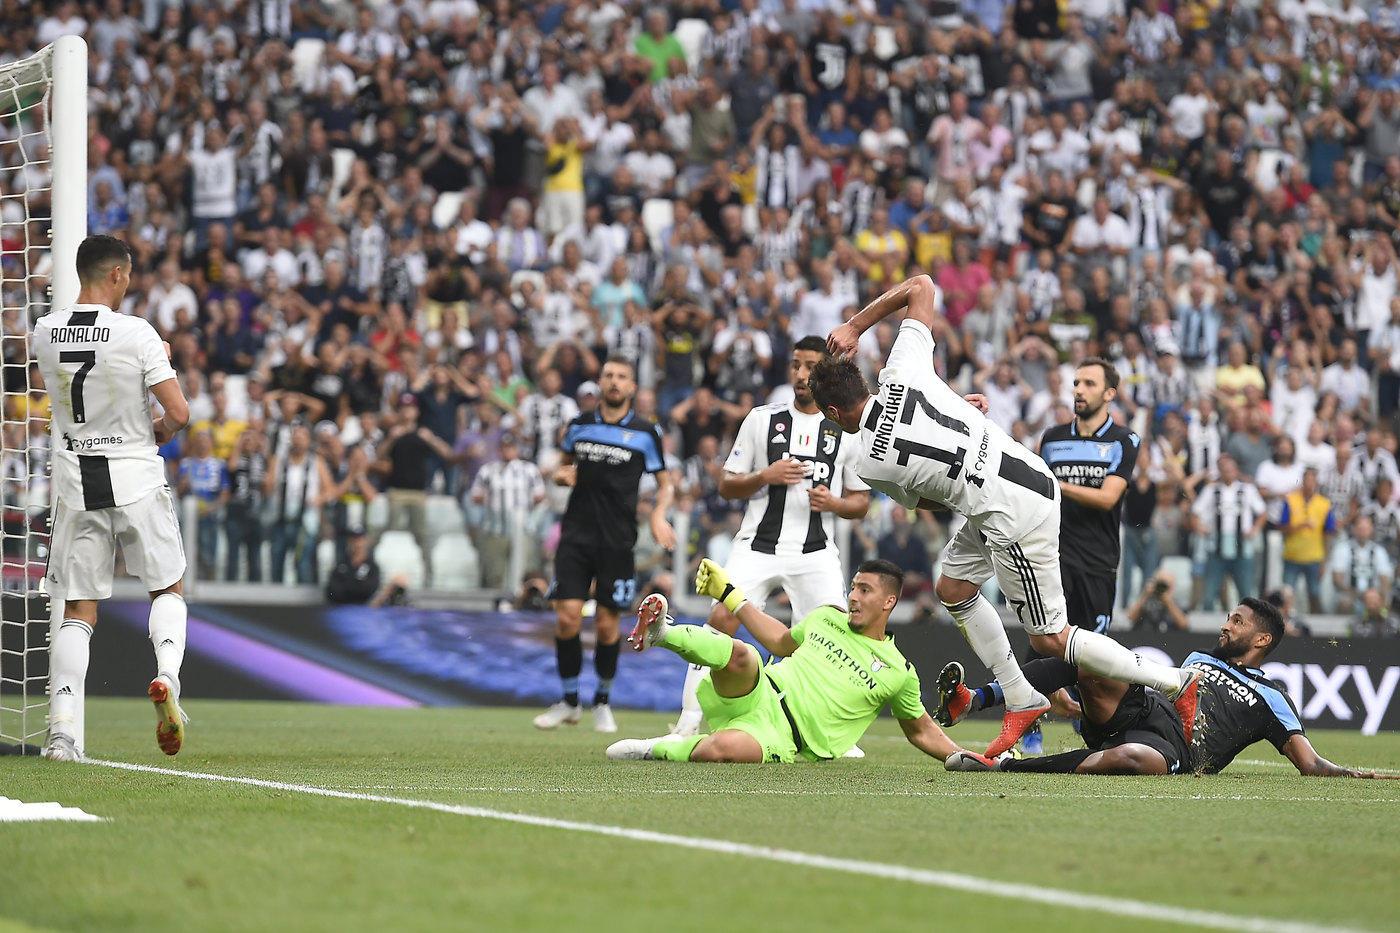 """Chiamatelo """"ammazzagrandi"""": stiamo parlando diMario Mandzukic. Il croato è il guerriero dellaJuve segna solo gol pesanti: in questo campionati, infatti, ha segnato a tutte le big. Un girone d'andata da incorniciare: il 25 agosto il gol del 2-0 alla Lazio per poi proseguire un mese più tardi, il 29 settembre, con la doppietta al Napoli per rimontare la rete di Mertens. L'11 novembre il gol a San Siro contro il Milan, mentre il 7 dicembre è toccato lo stesso destino all'Inter allo Stadium. E adesso anche il gol alla Roma per un pokerissimo davvero importante."""